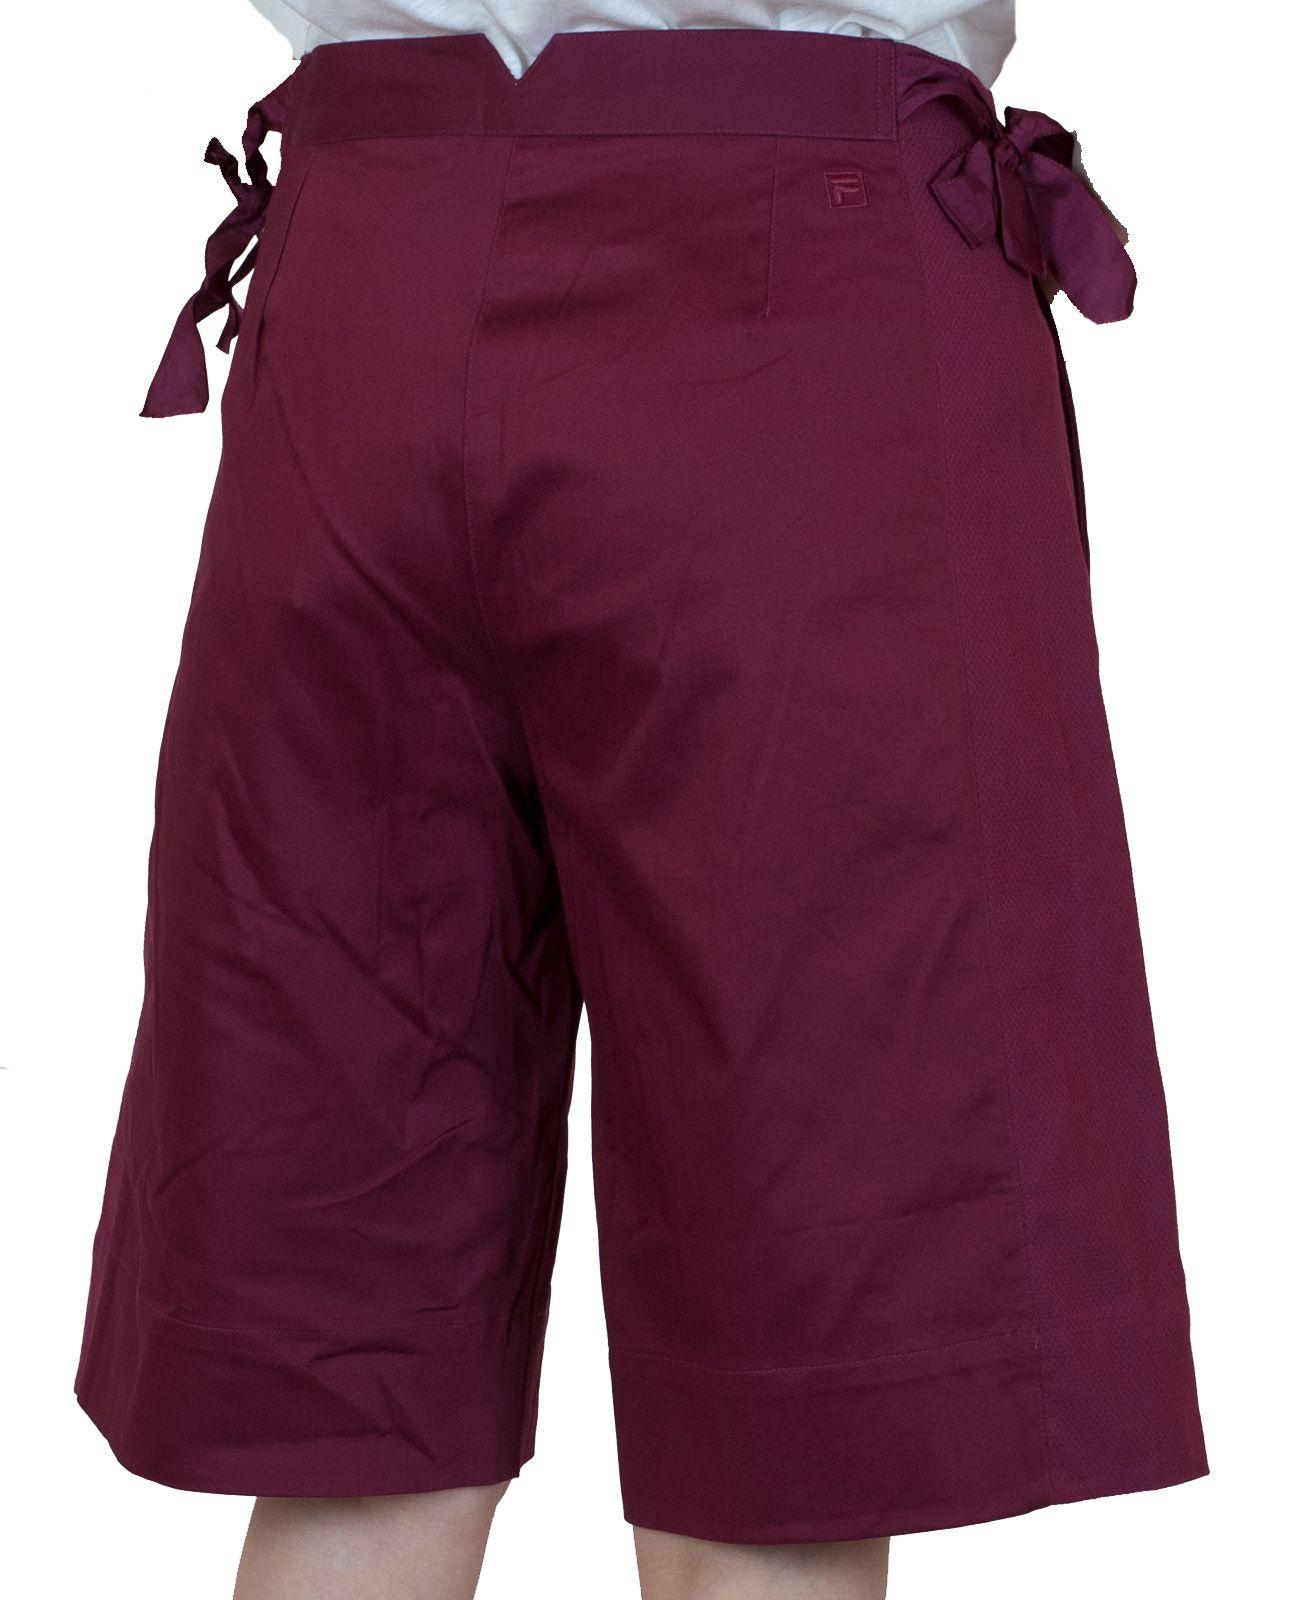 Бордовые городские шорты для девушек - вид сзади